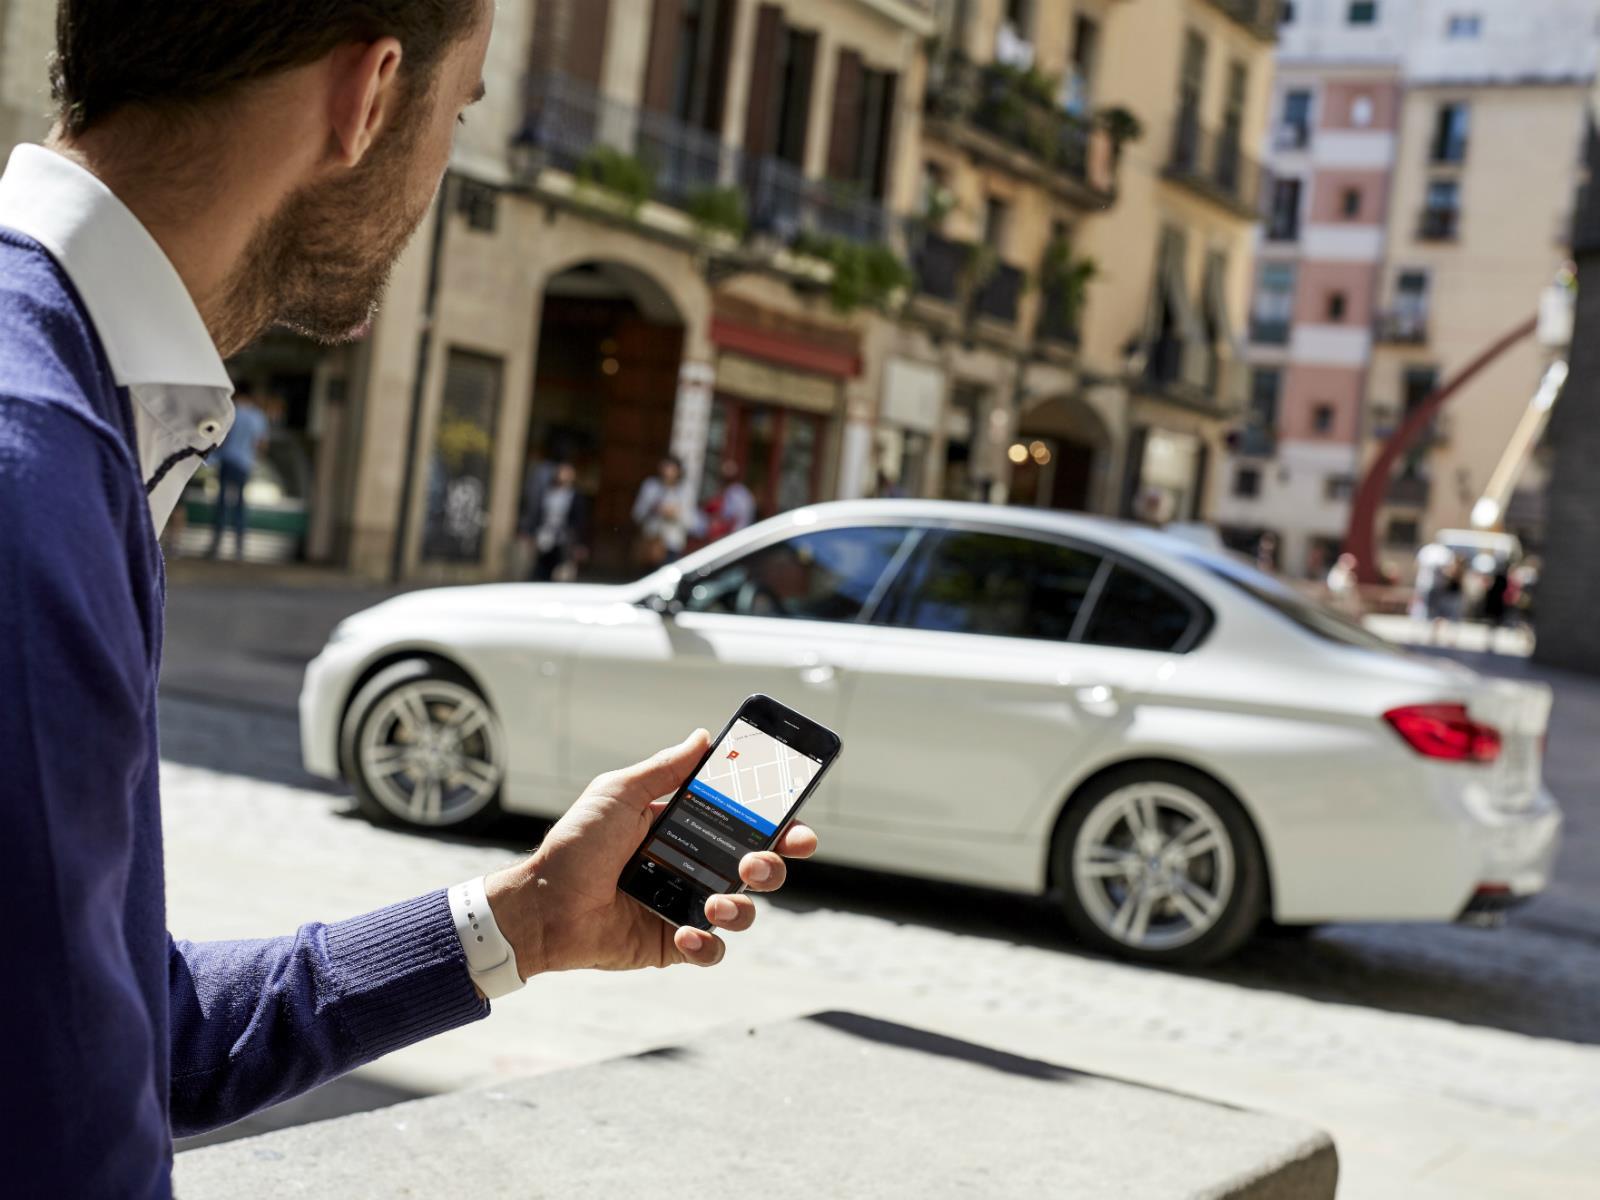 BMW convierte sus vehículos en dispositivos inteligentes